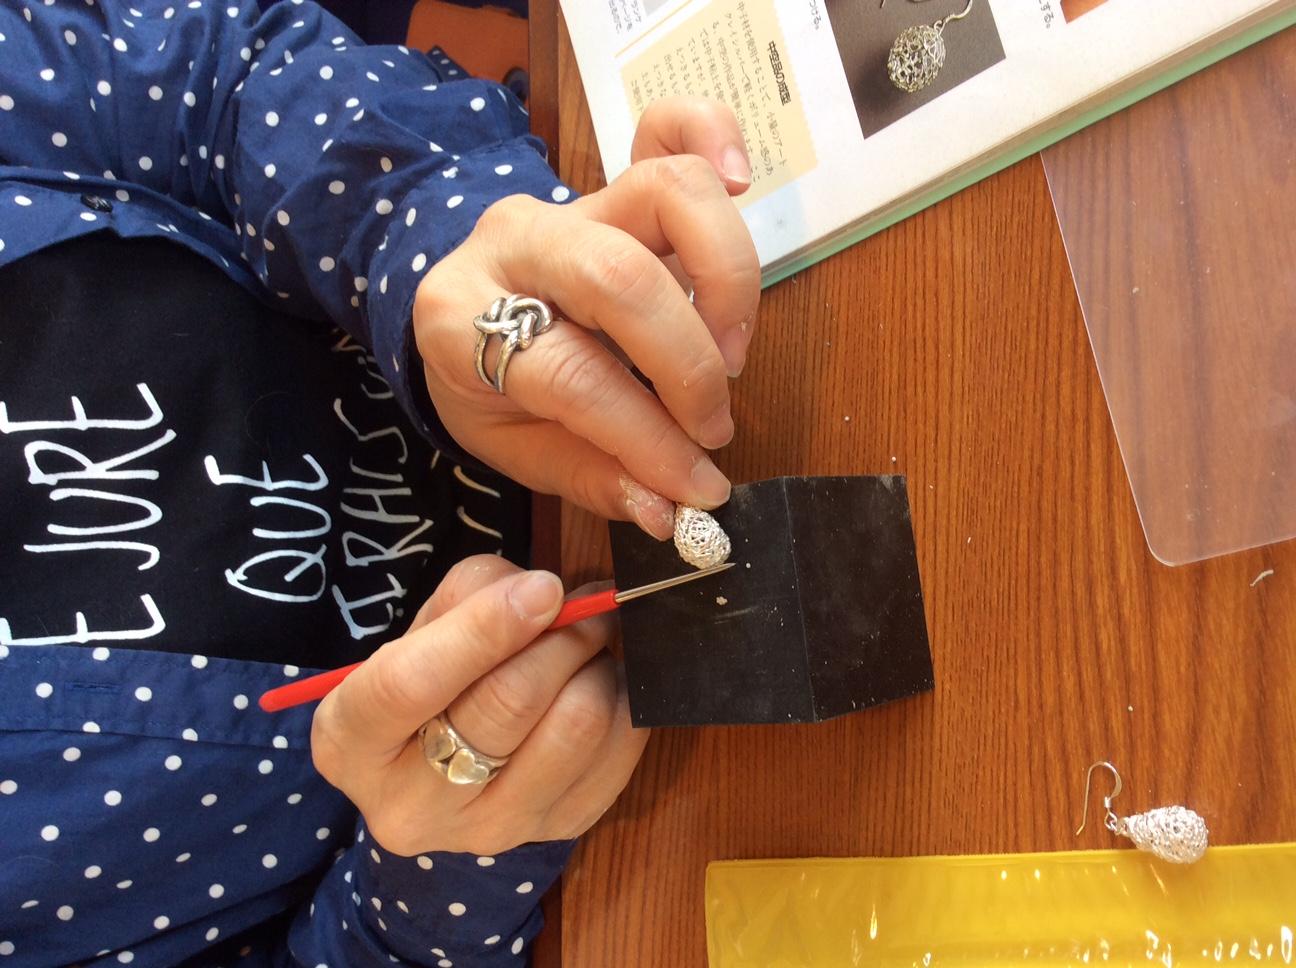 銀粘土を磨く